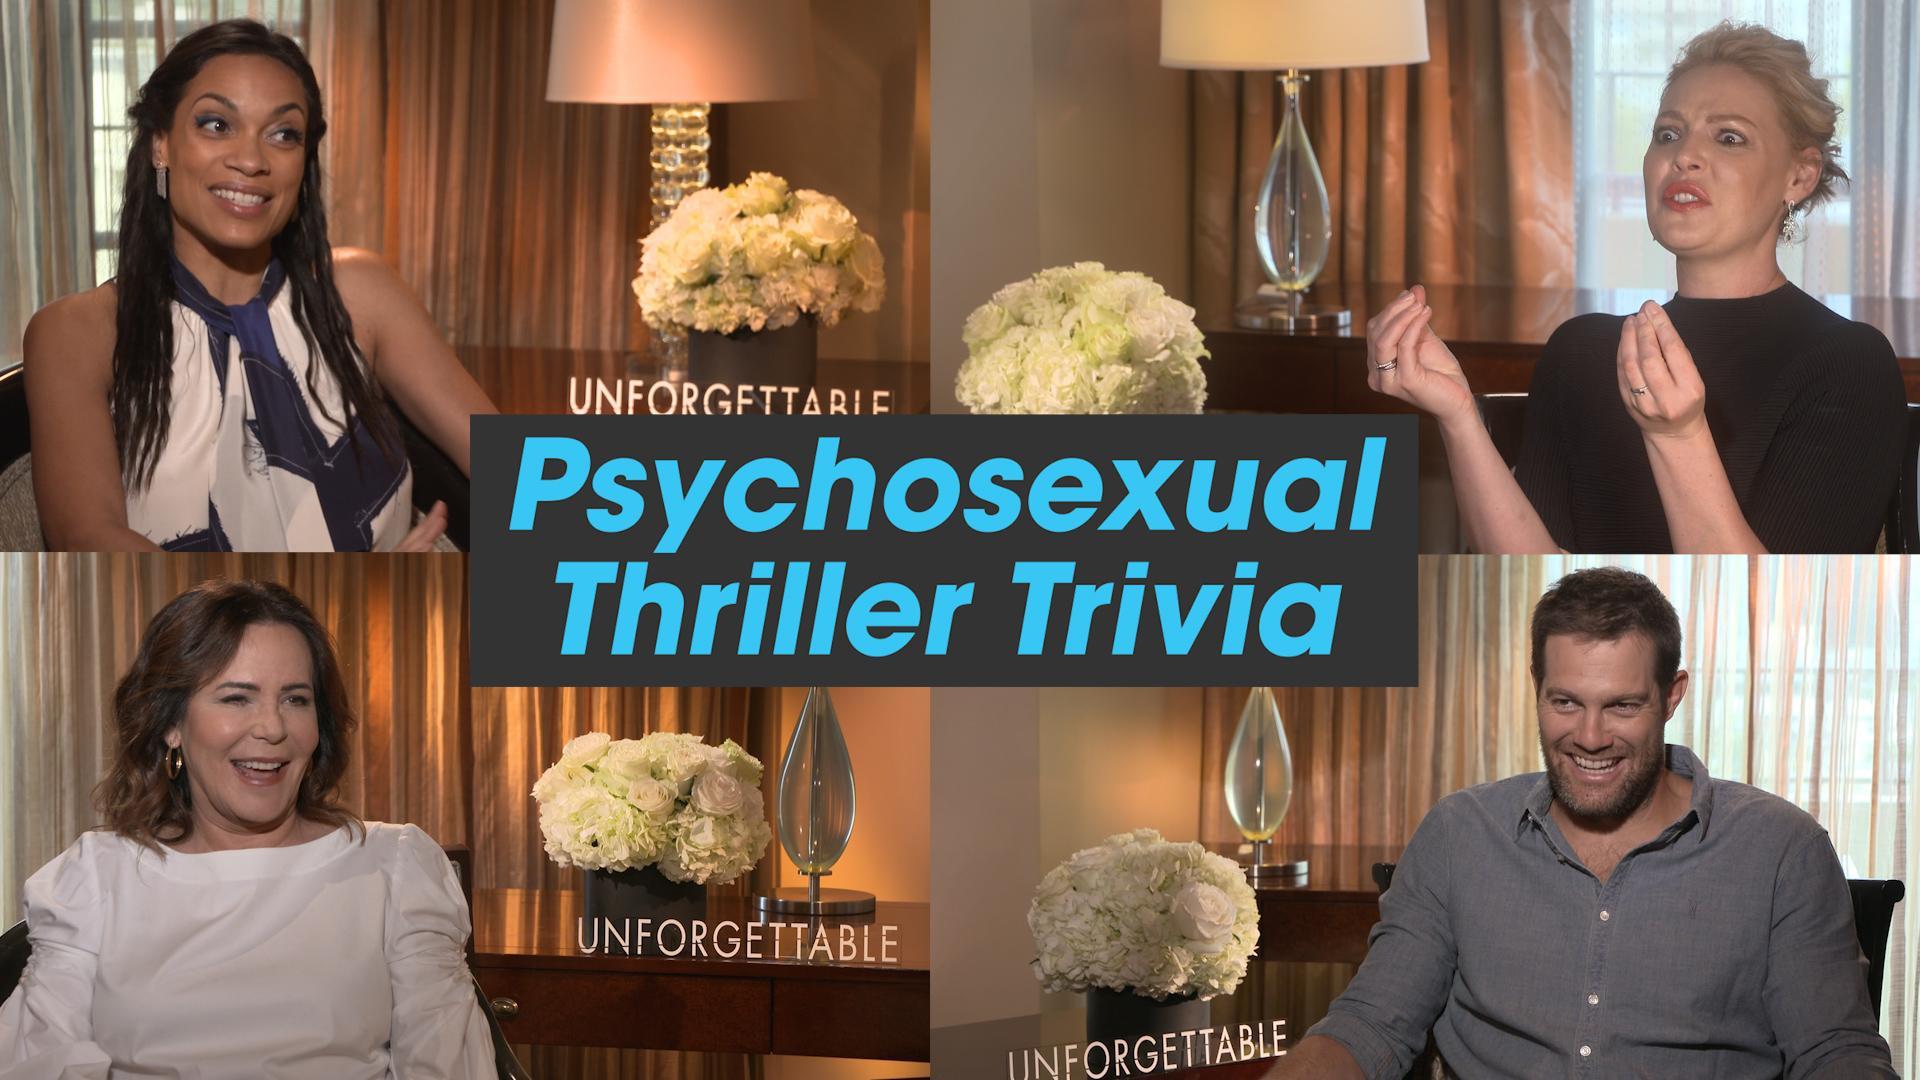 Psychosexual thriller definition